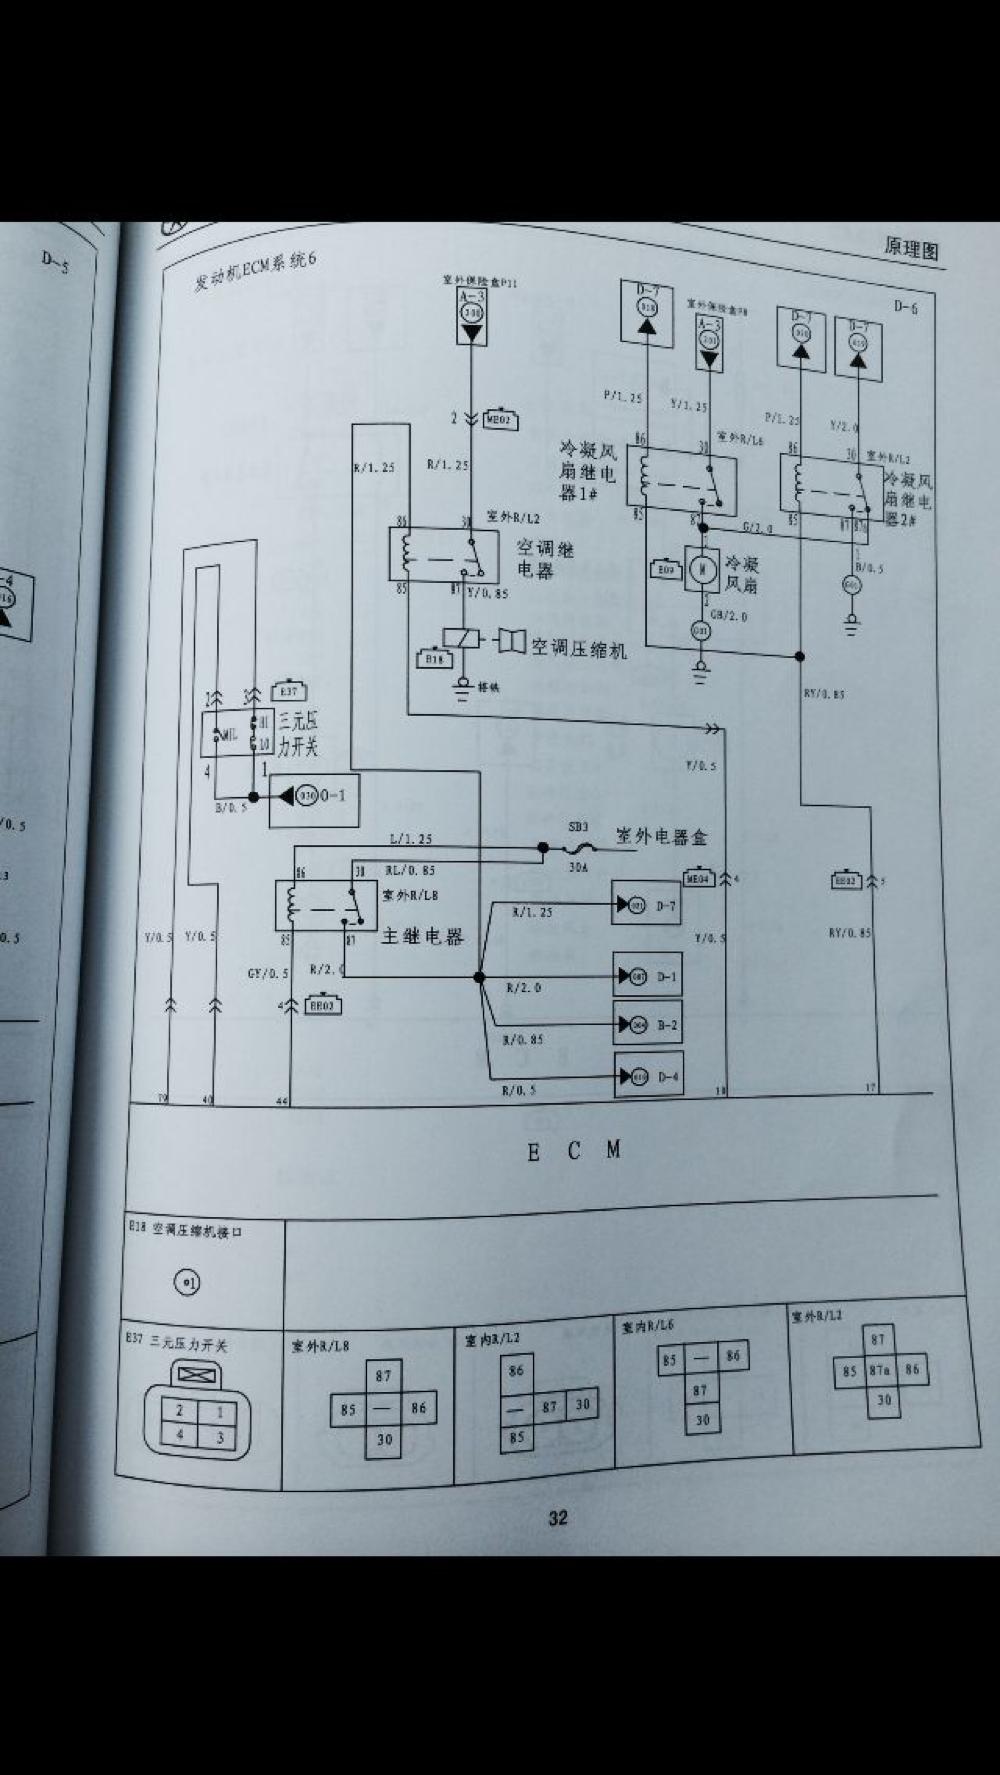 江淮悦悦空调控制系统